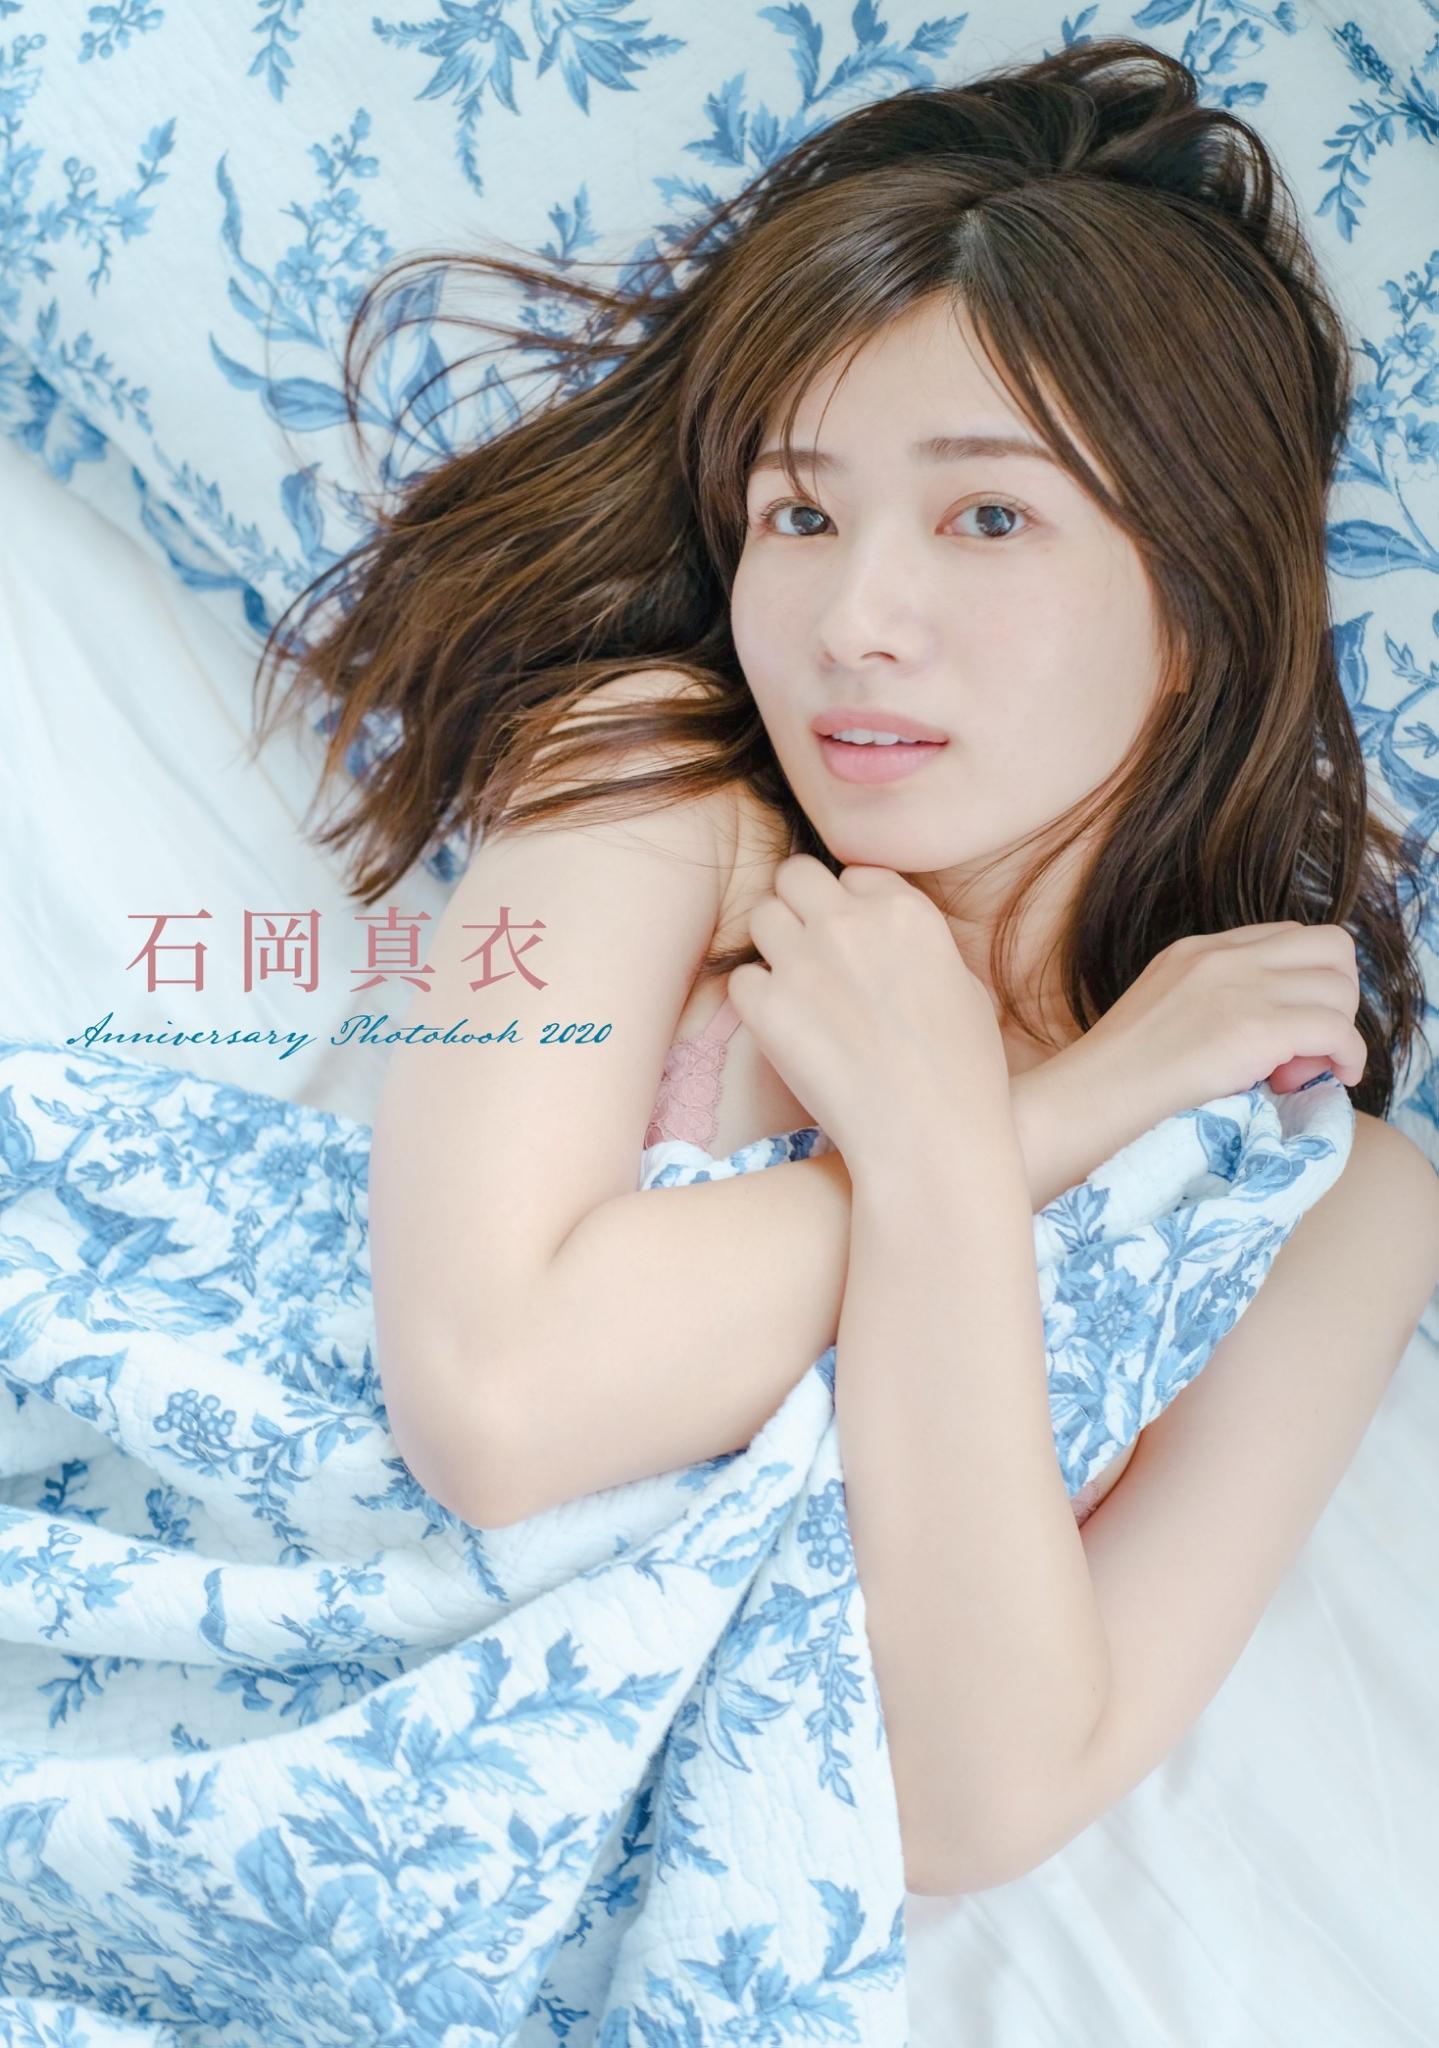 恵比寿マスカッツ「石岡真衣」が30歳の記念にセルフプロデュースのフォトブック